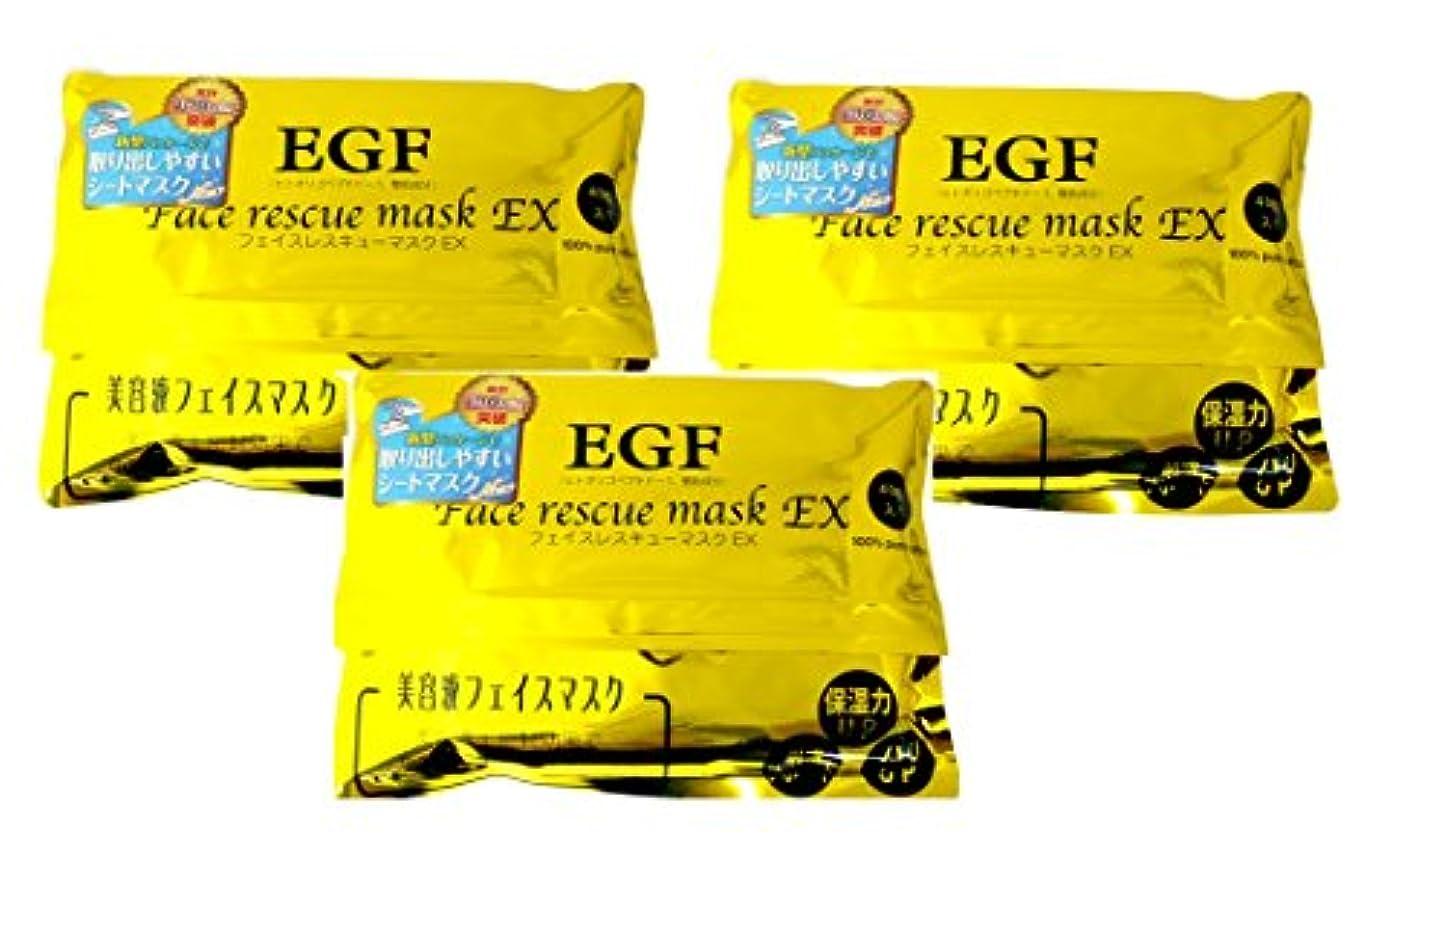 近代化する排他的肘【3個セット】EGF フェイスレスキューマスク EX 40枚×3個セット EGF Face rescue mask EX